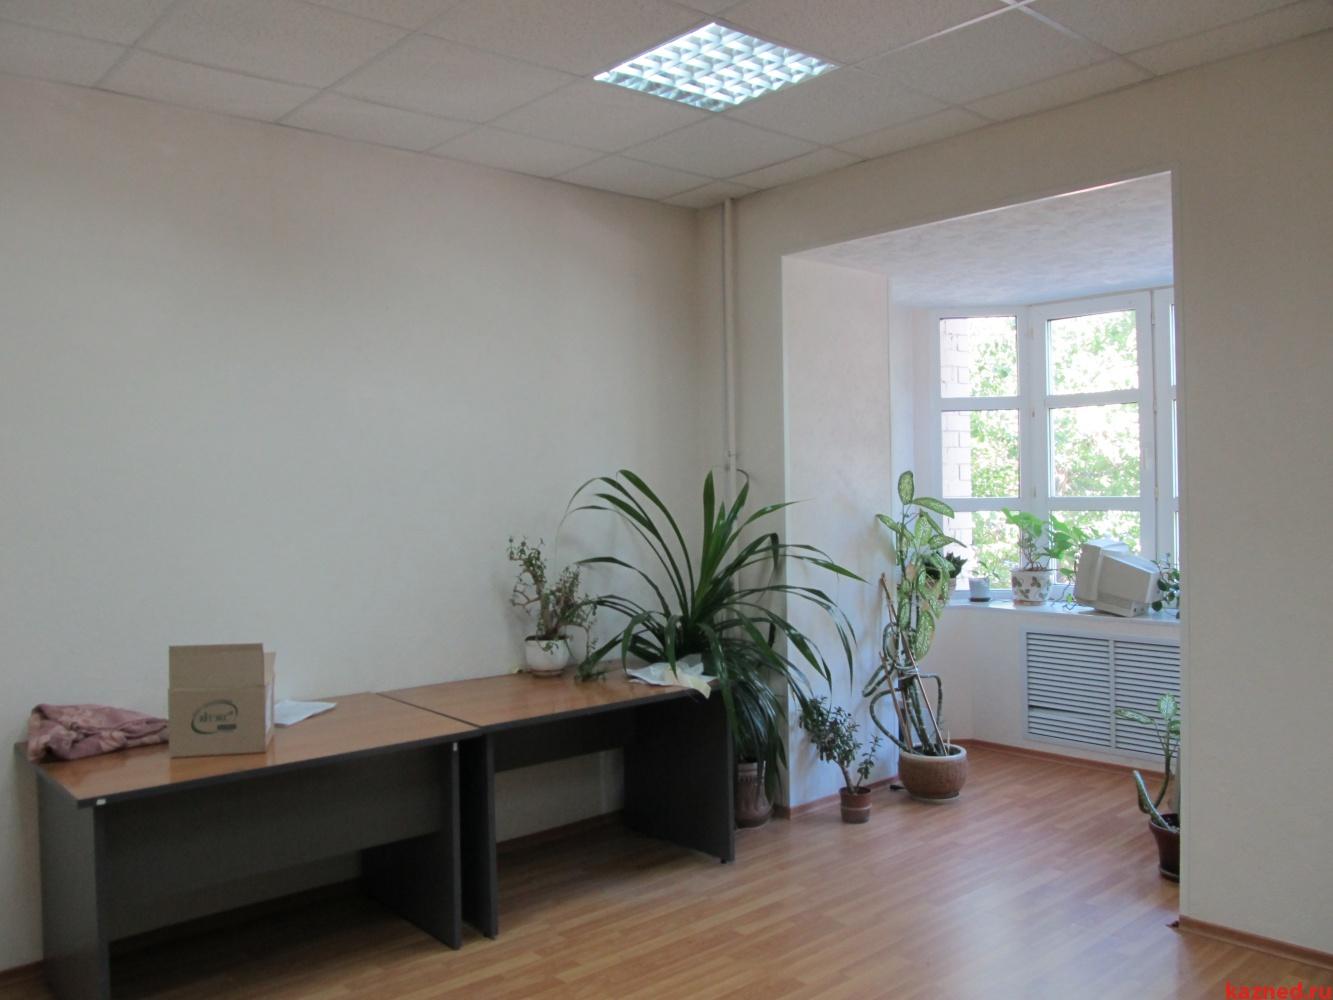 Офисное помещение 95,2 м2 в центре города. Напротив Suvar Plaza. (миниатюра №4)